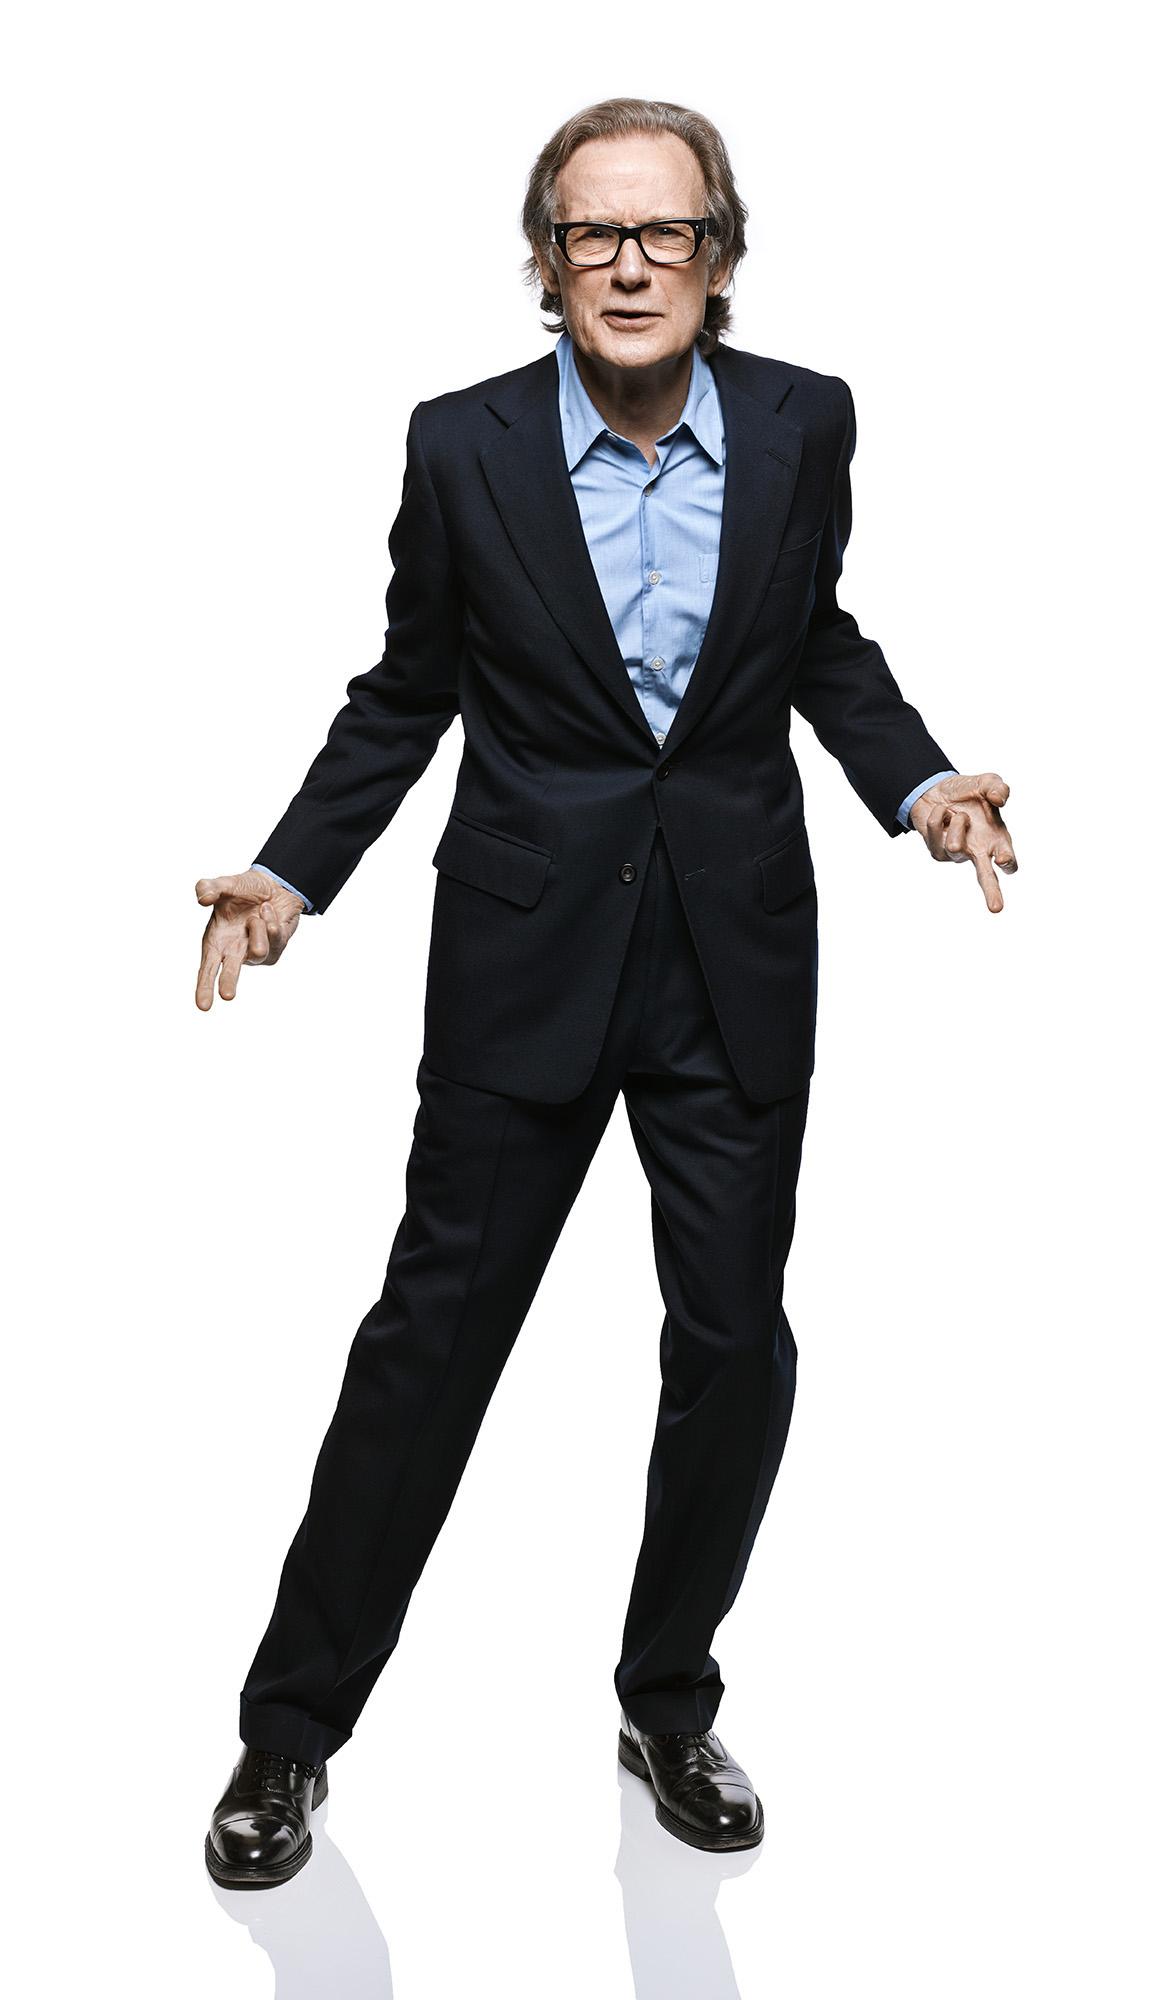 bill nighy twitter